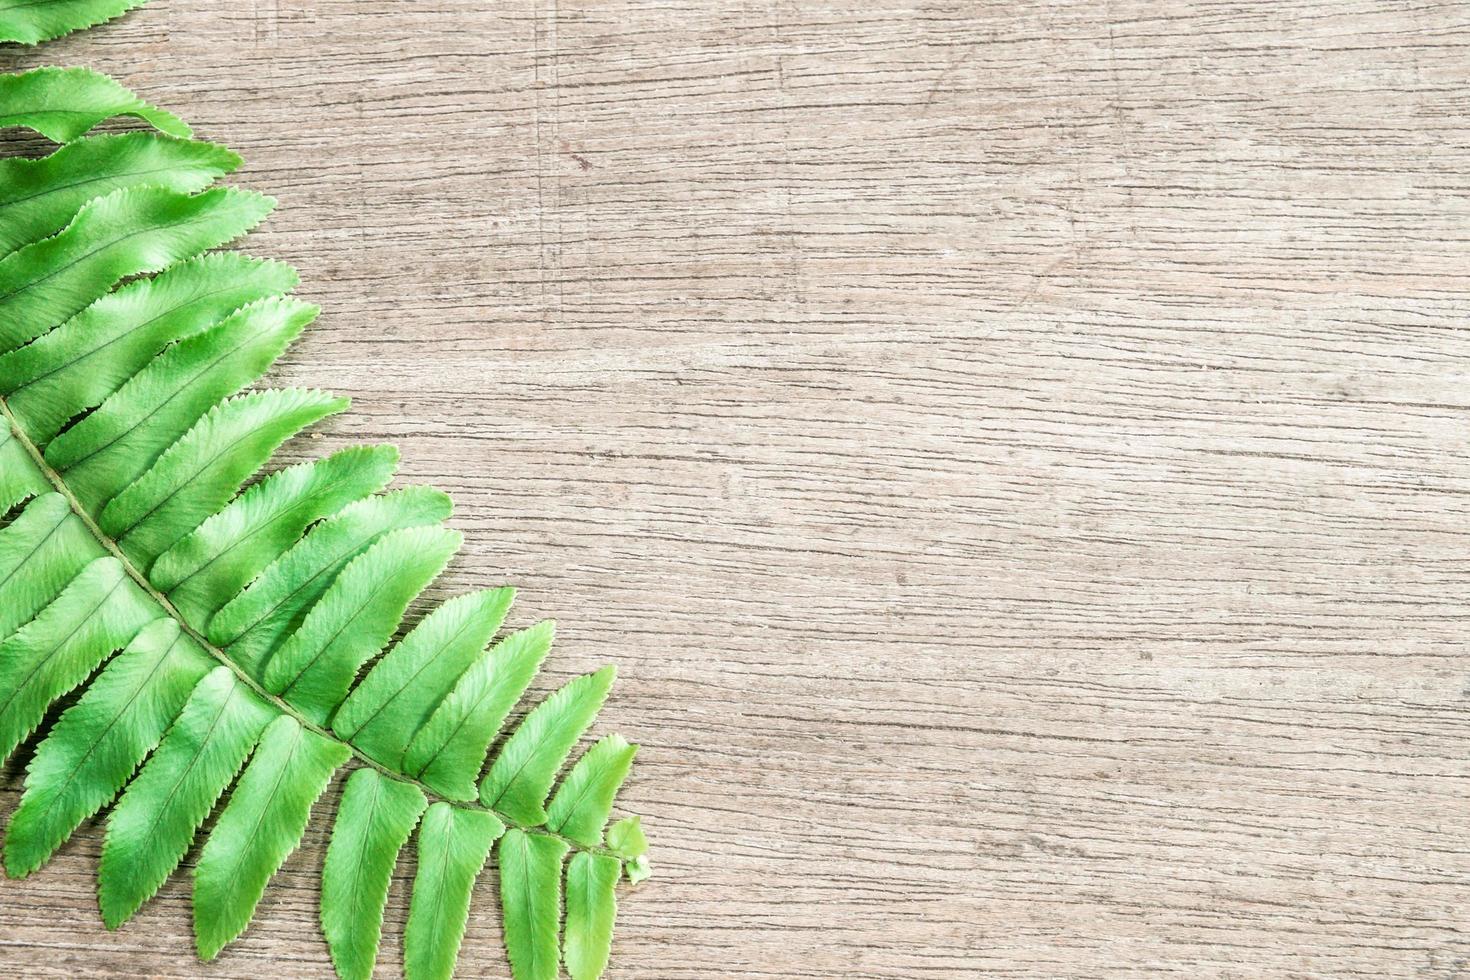 ormbunksblad på träbakgrund foto